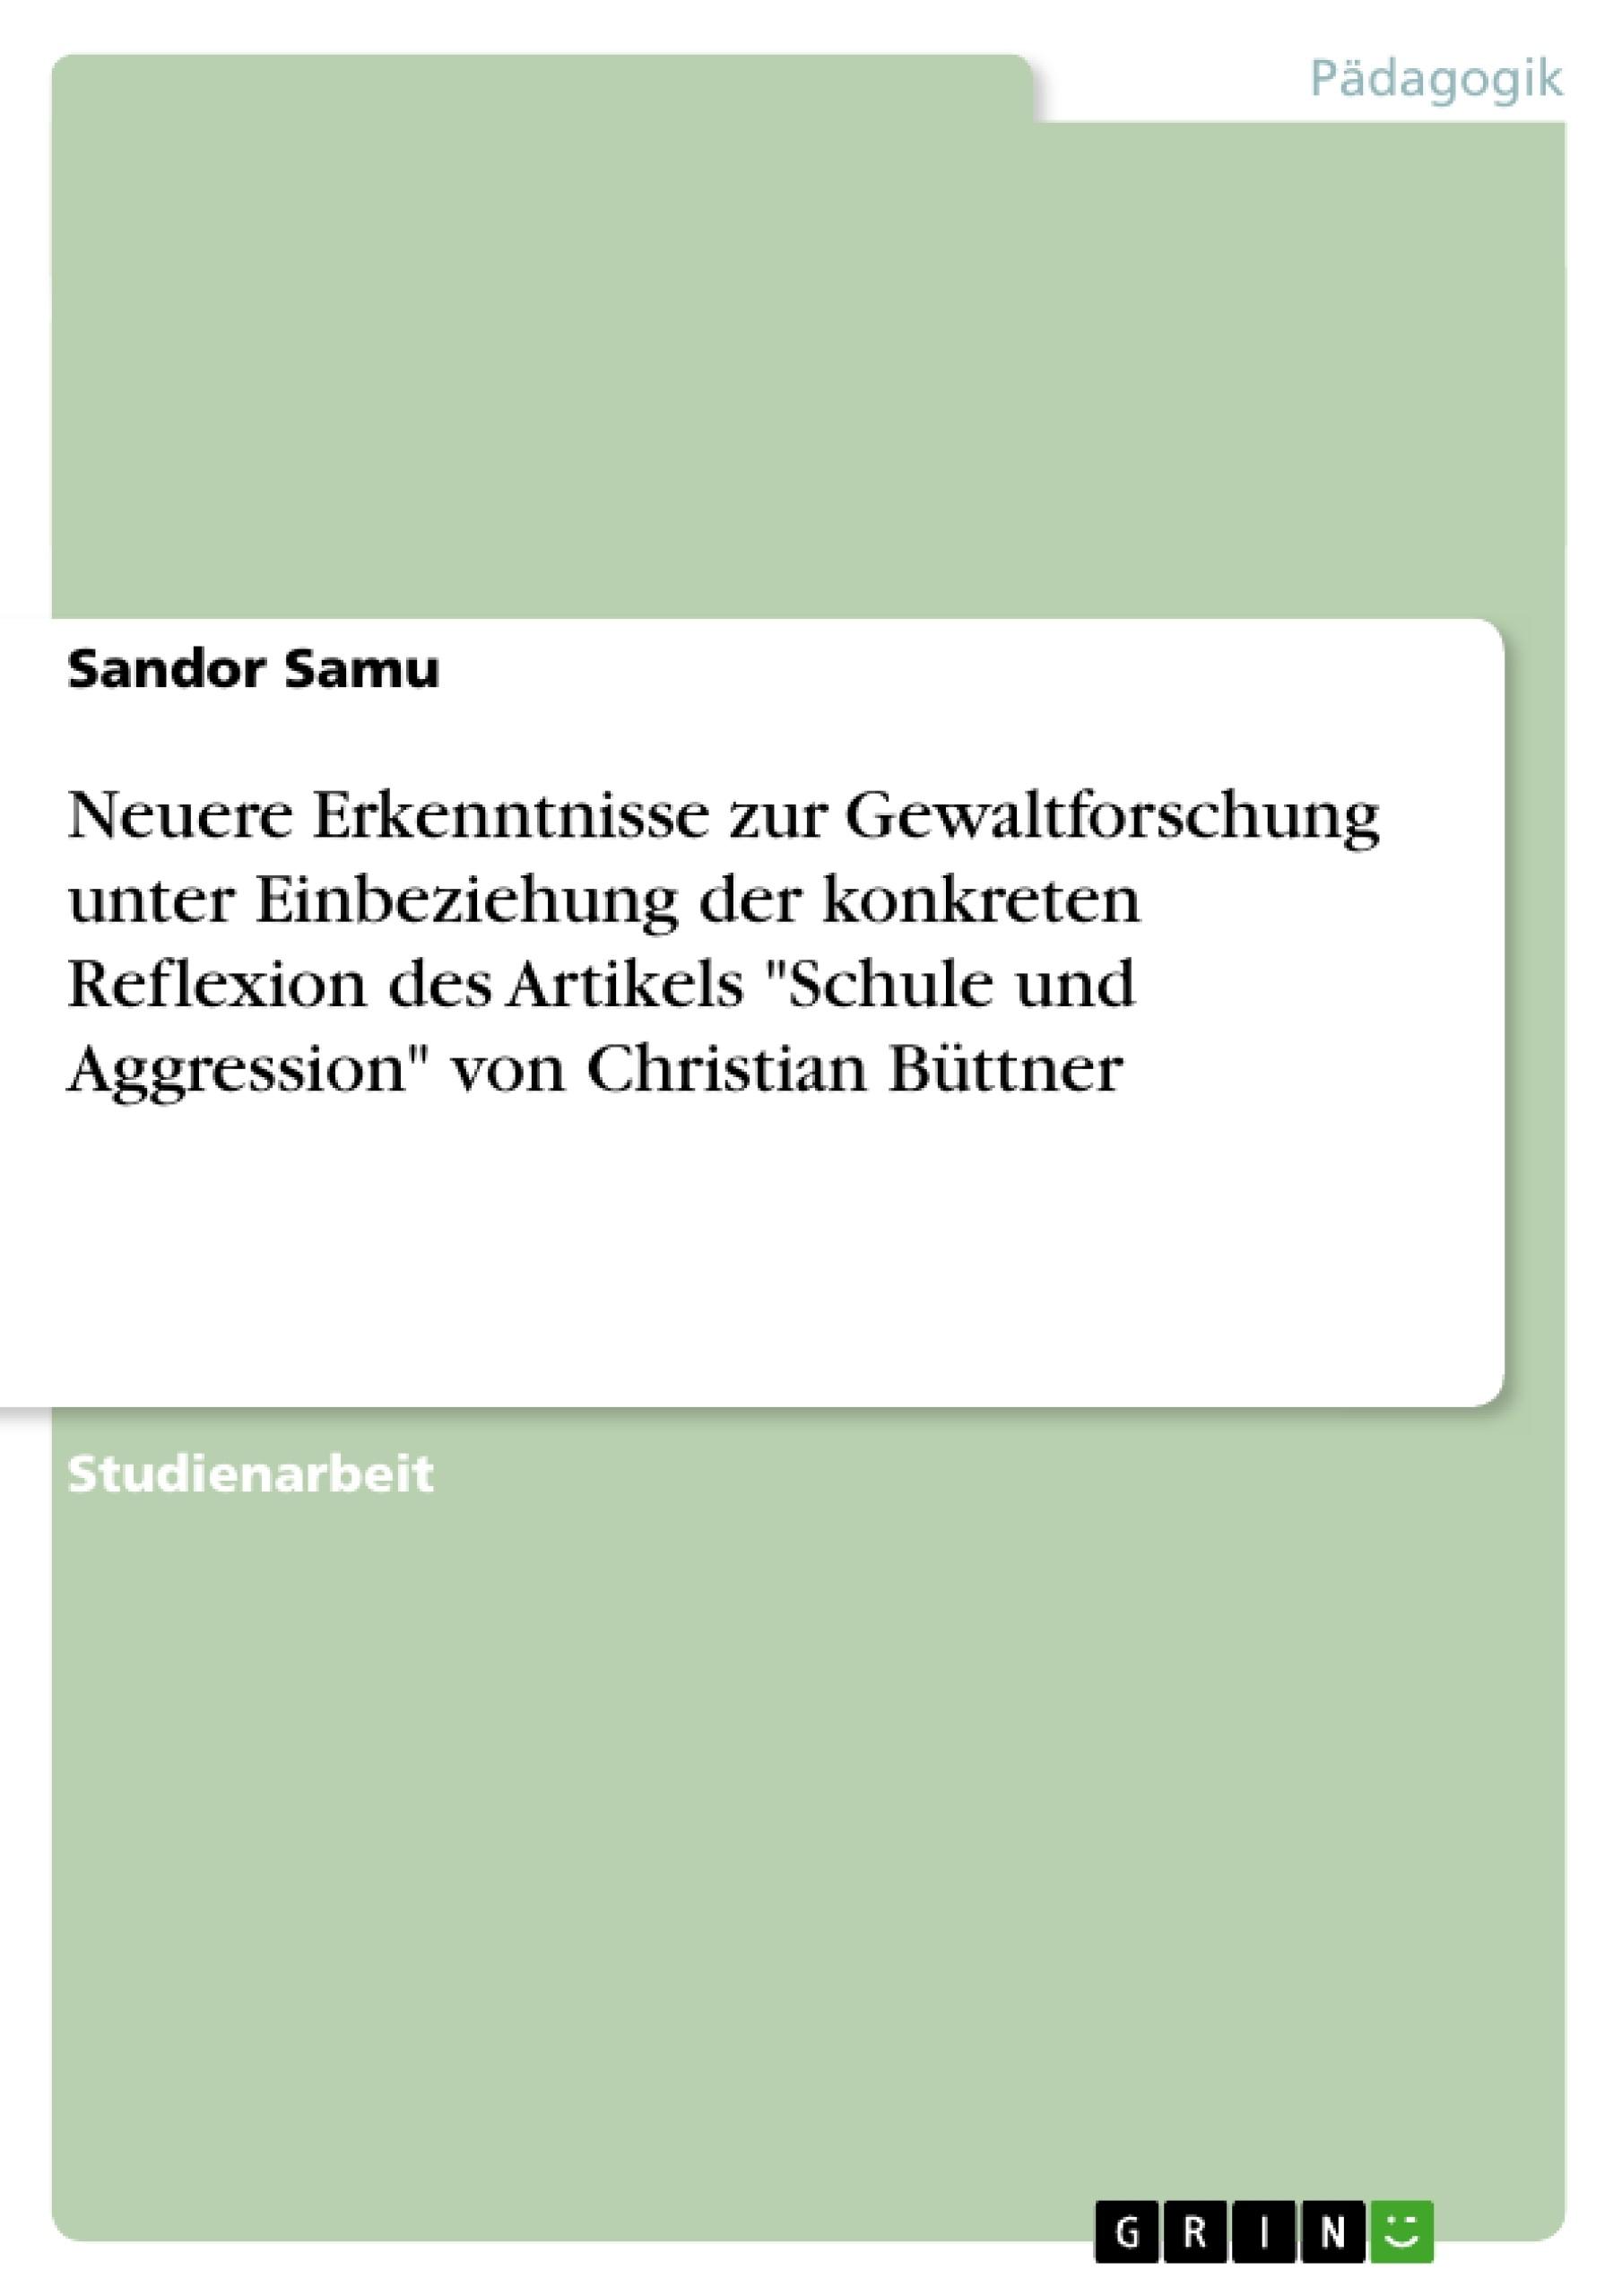 """Titel: Neuere Erkenntnisse zur Gewaltforschung unter Einbeziehung der konkreten Reflexion des Artikels """"Schule und Aggression"""" von Christian Büttner"""